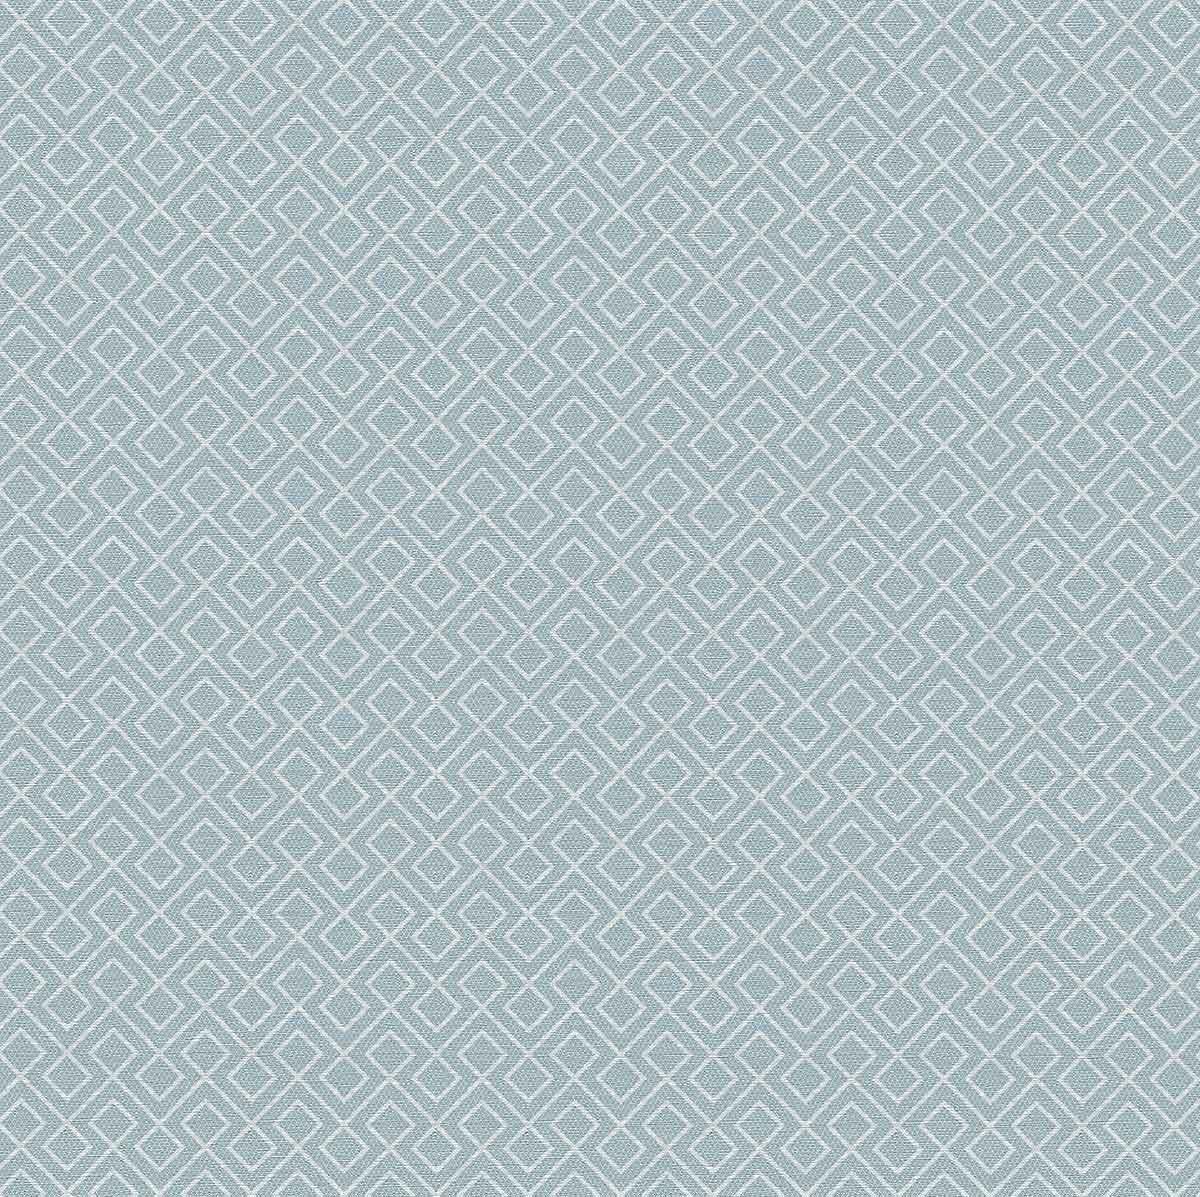 Papier Peint Décoratif et Graphique - Bleu - 10 ml x 0,53 m